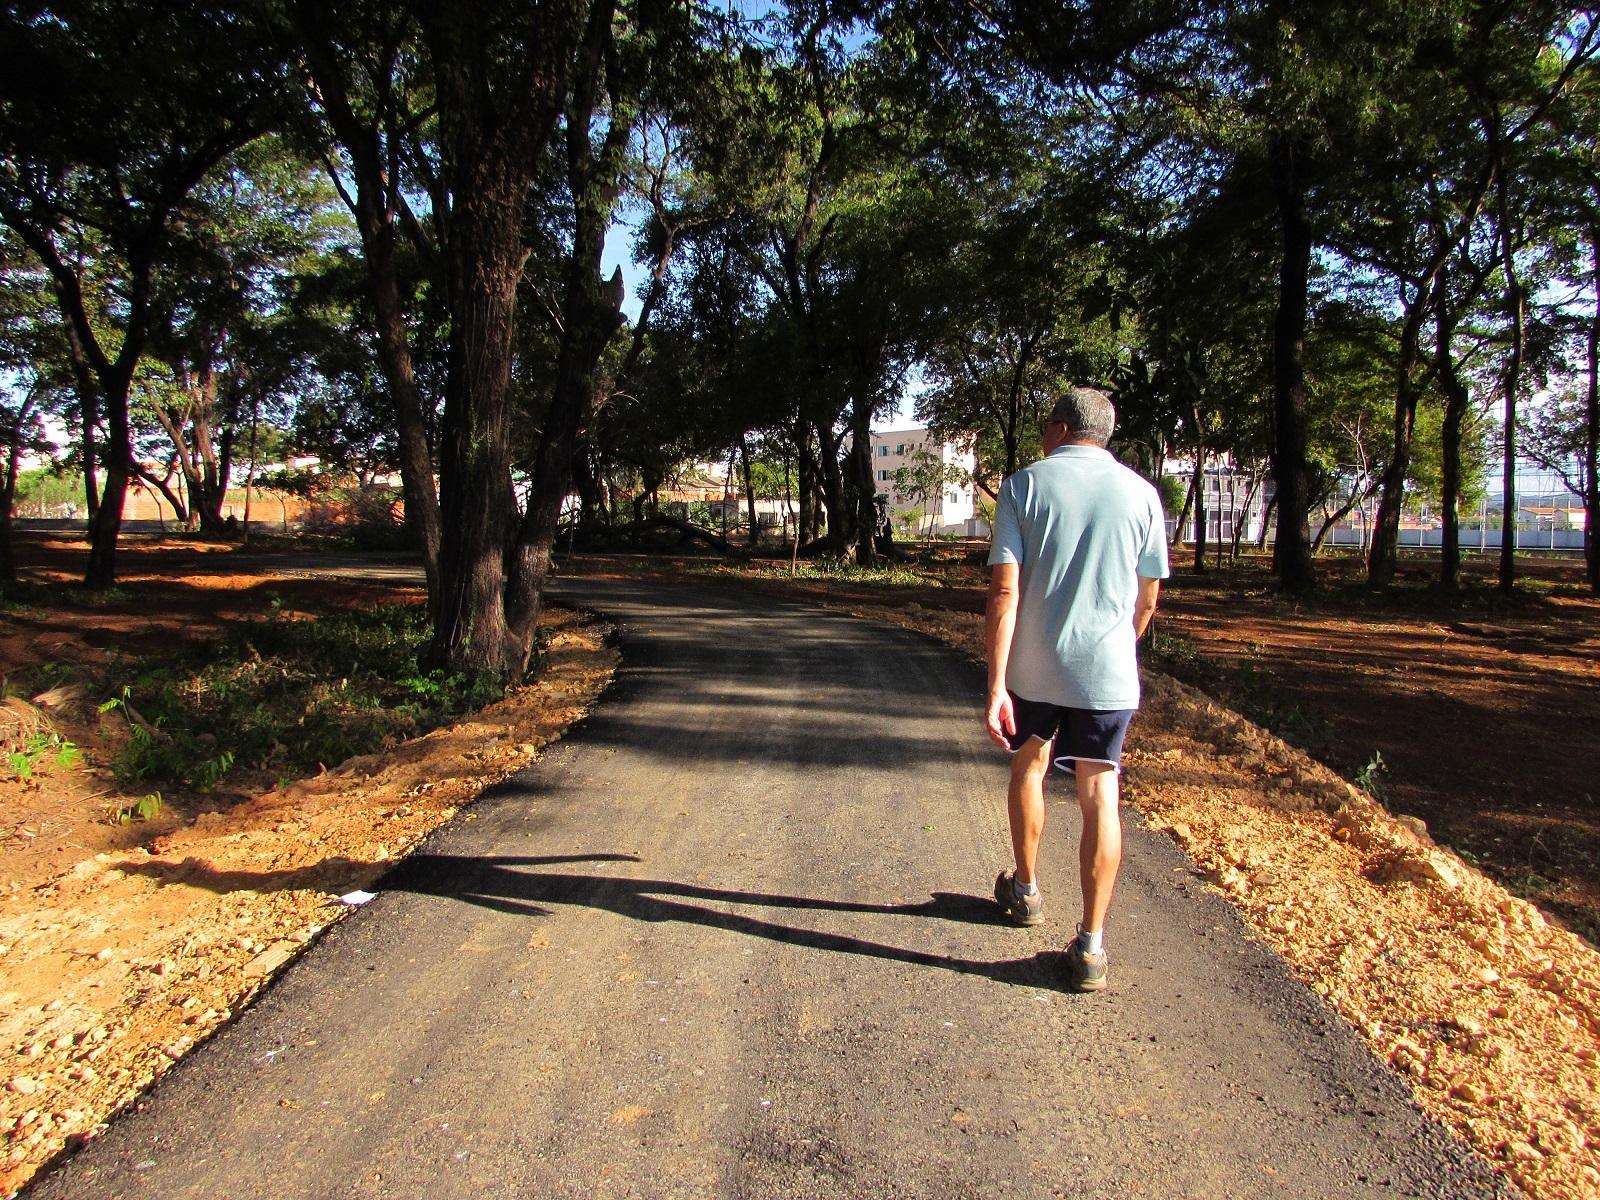 """Imagem de destaque """"CÂNDIDO CANELA""""  - Pista de caminhada foi concluída e parque será inaugurado em breve"""